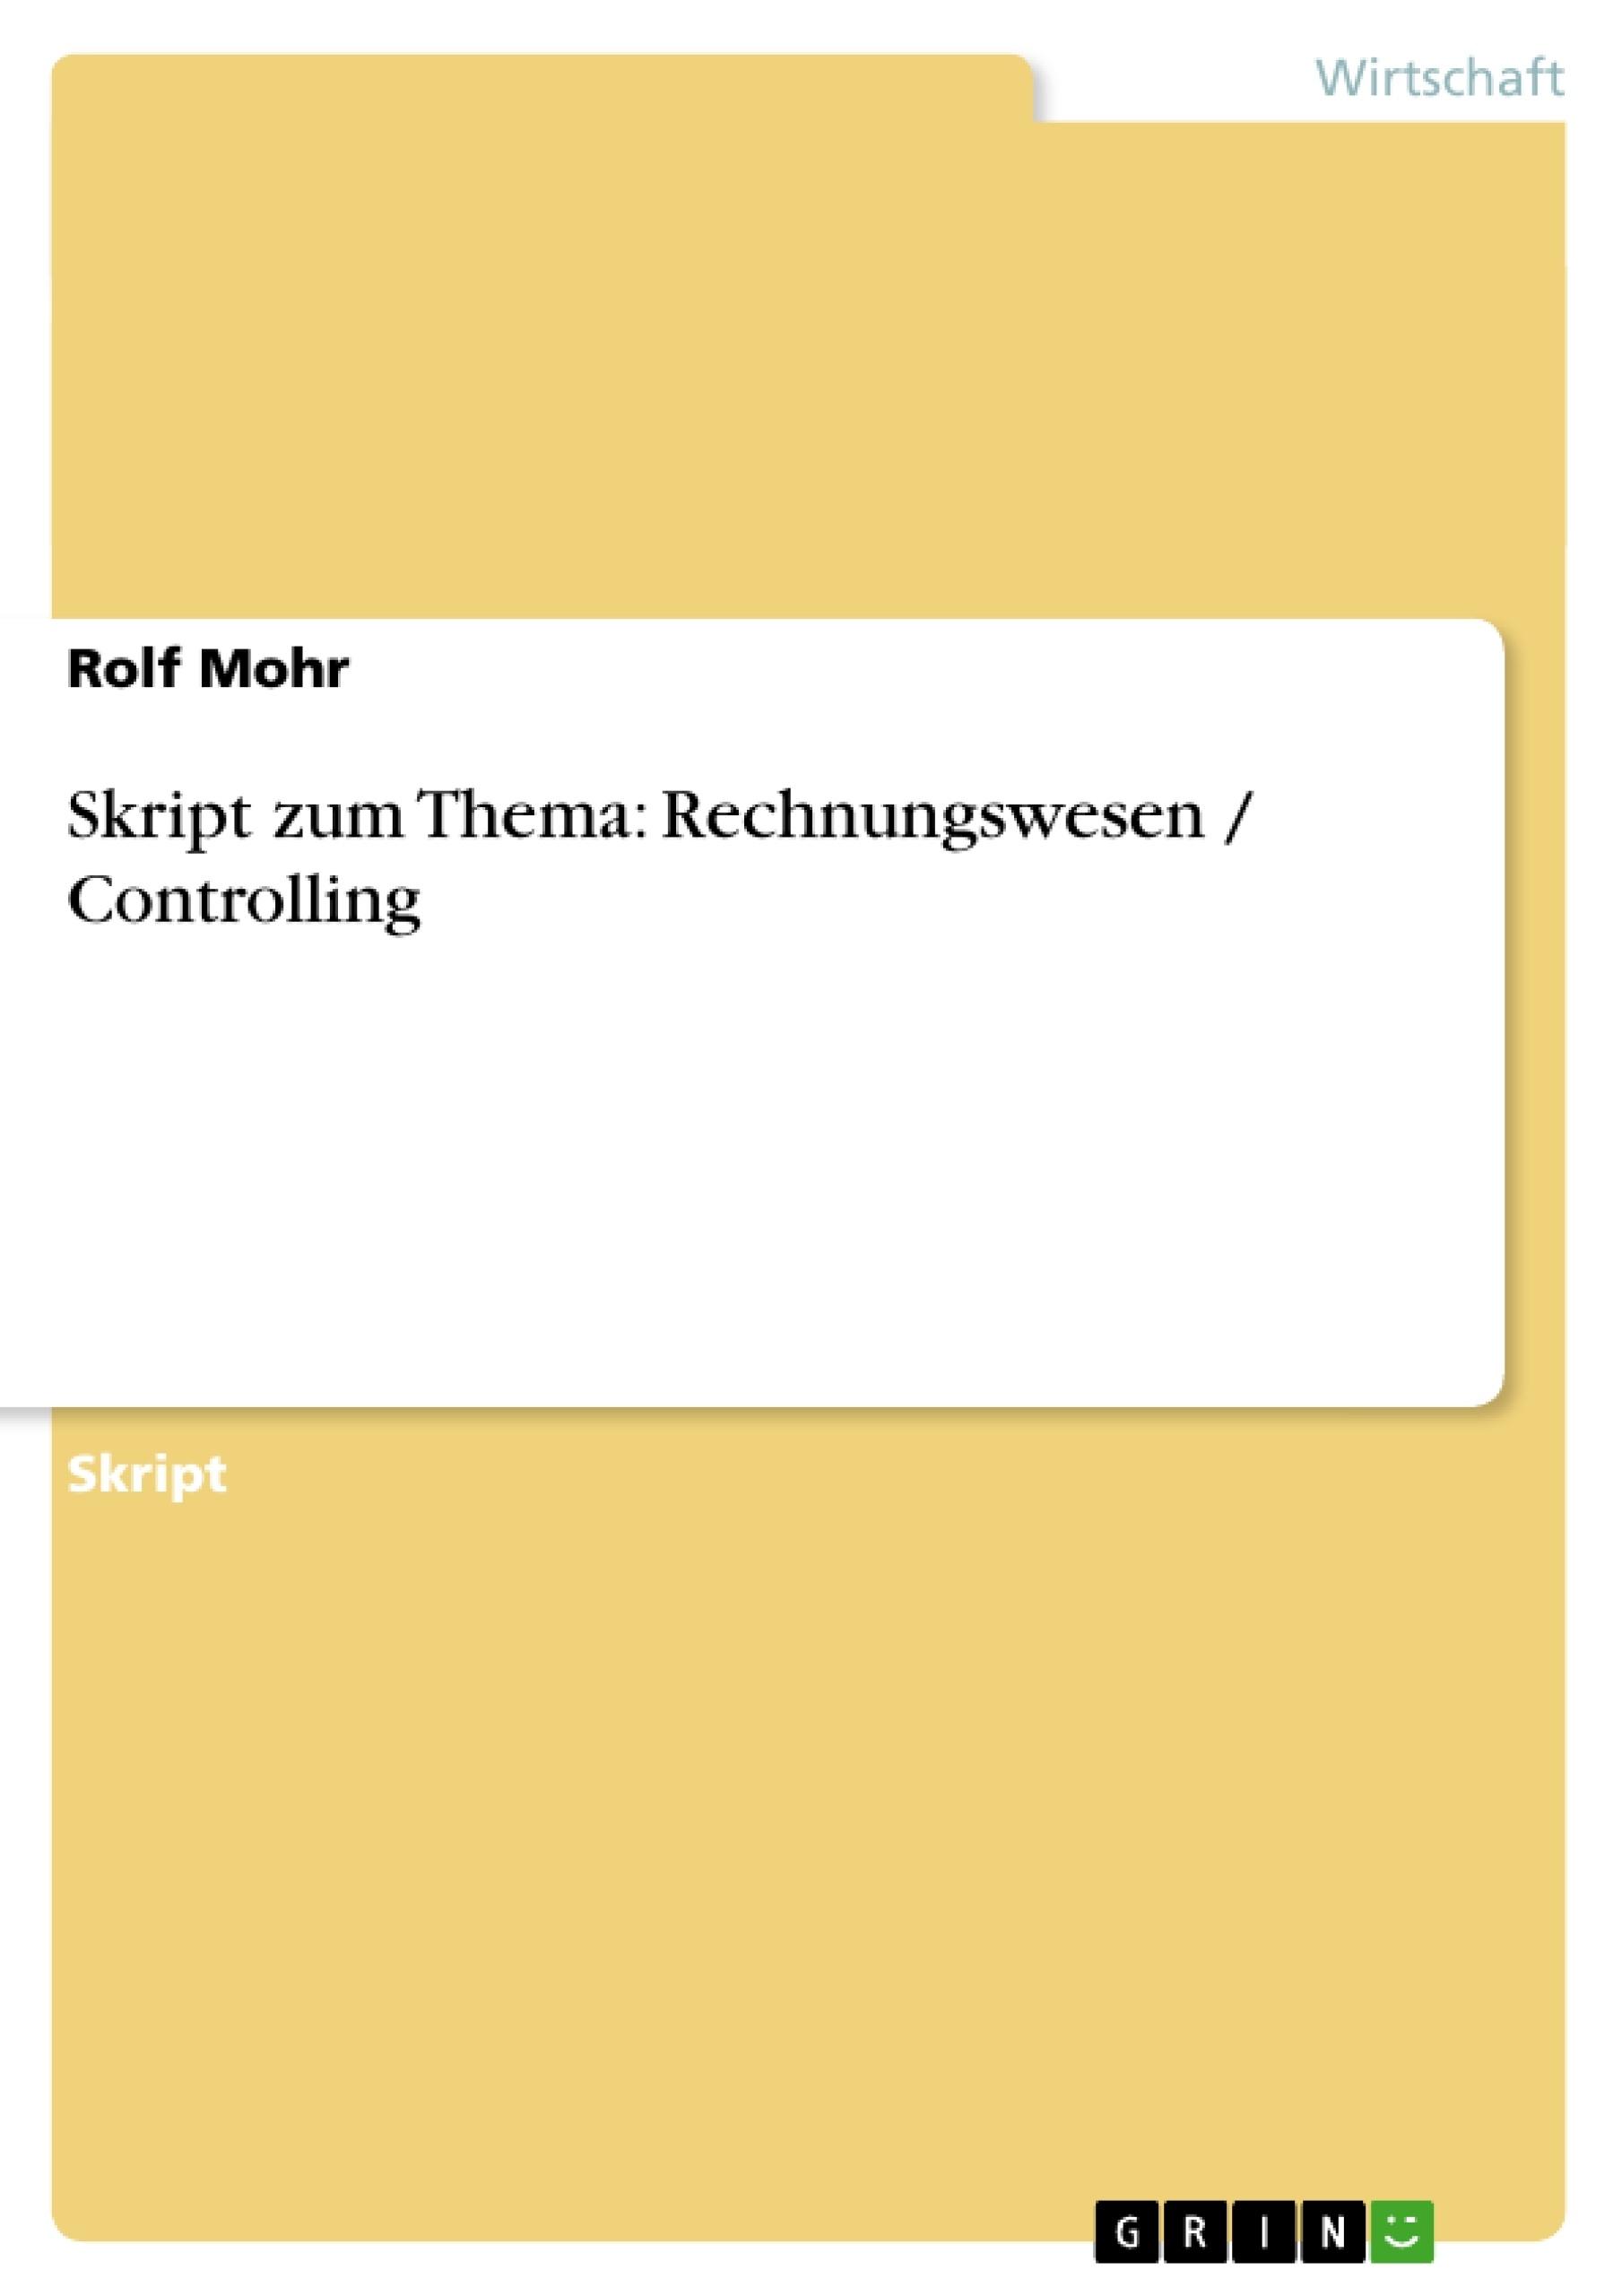 Skript zum Thema: Rechnungswesen / Controlling | Masterarbeit ...